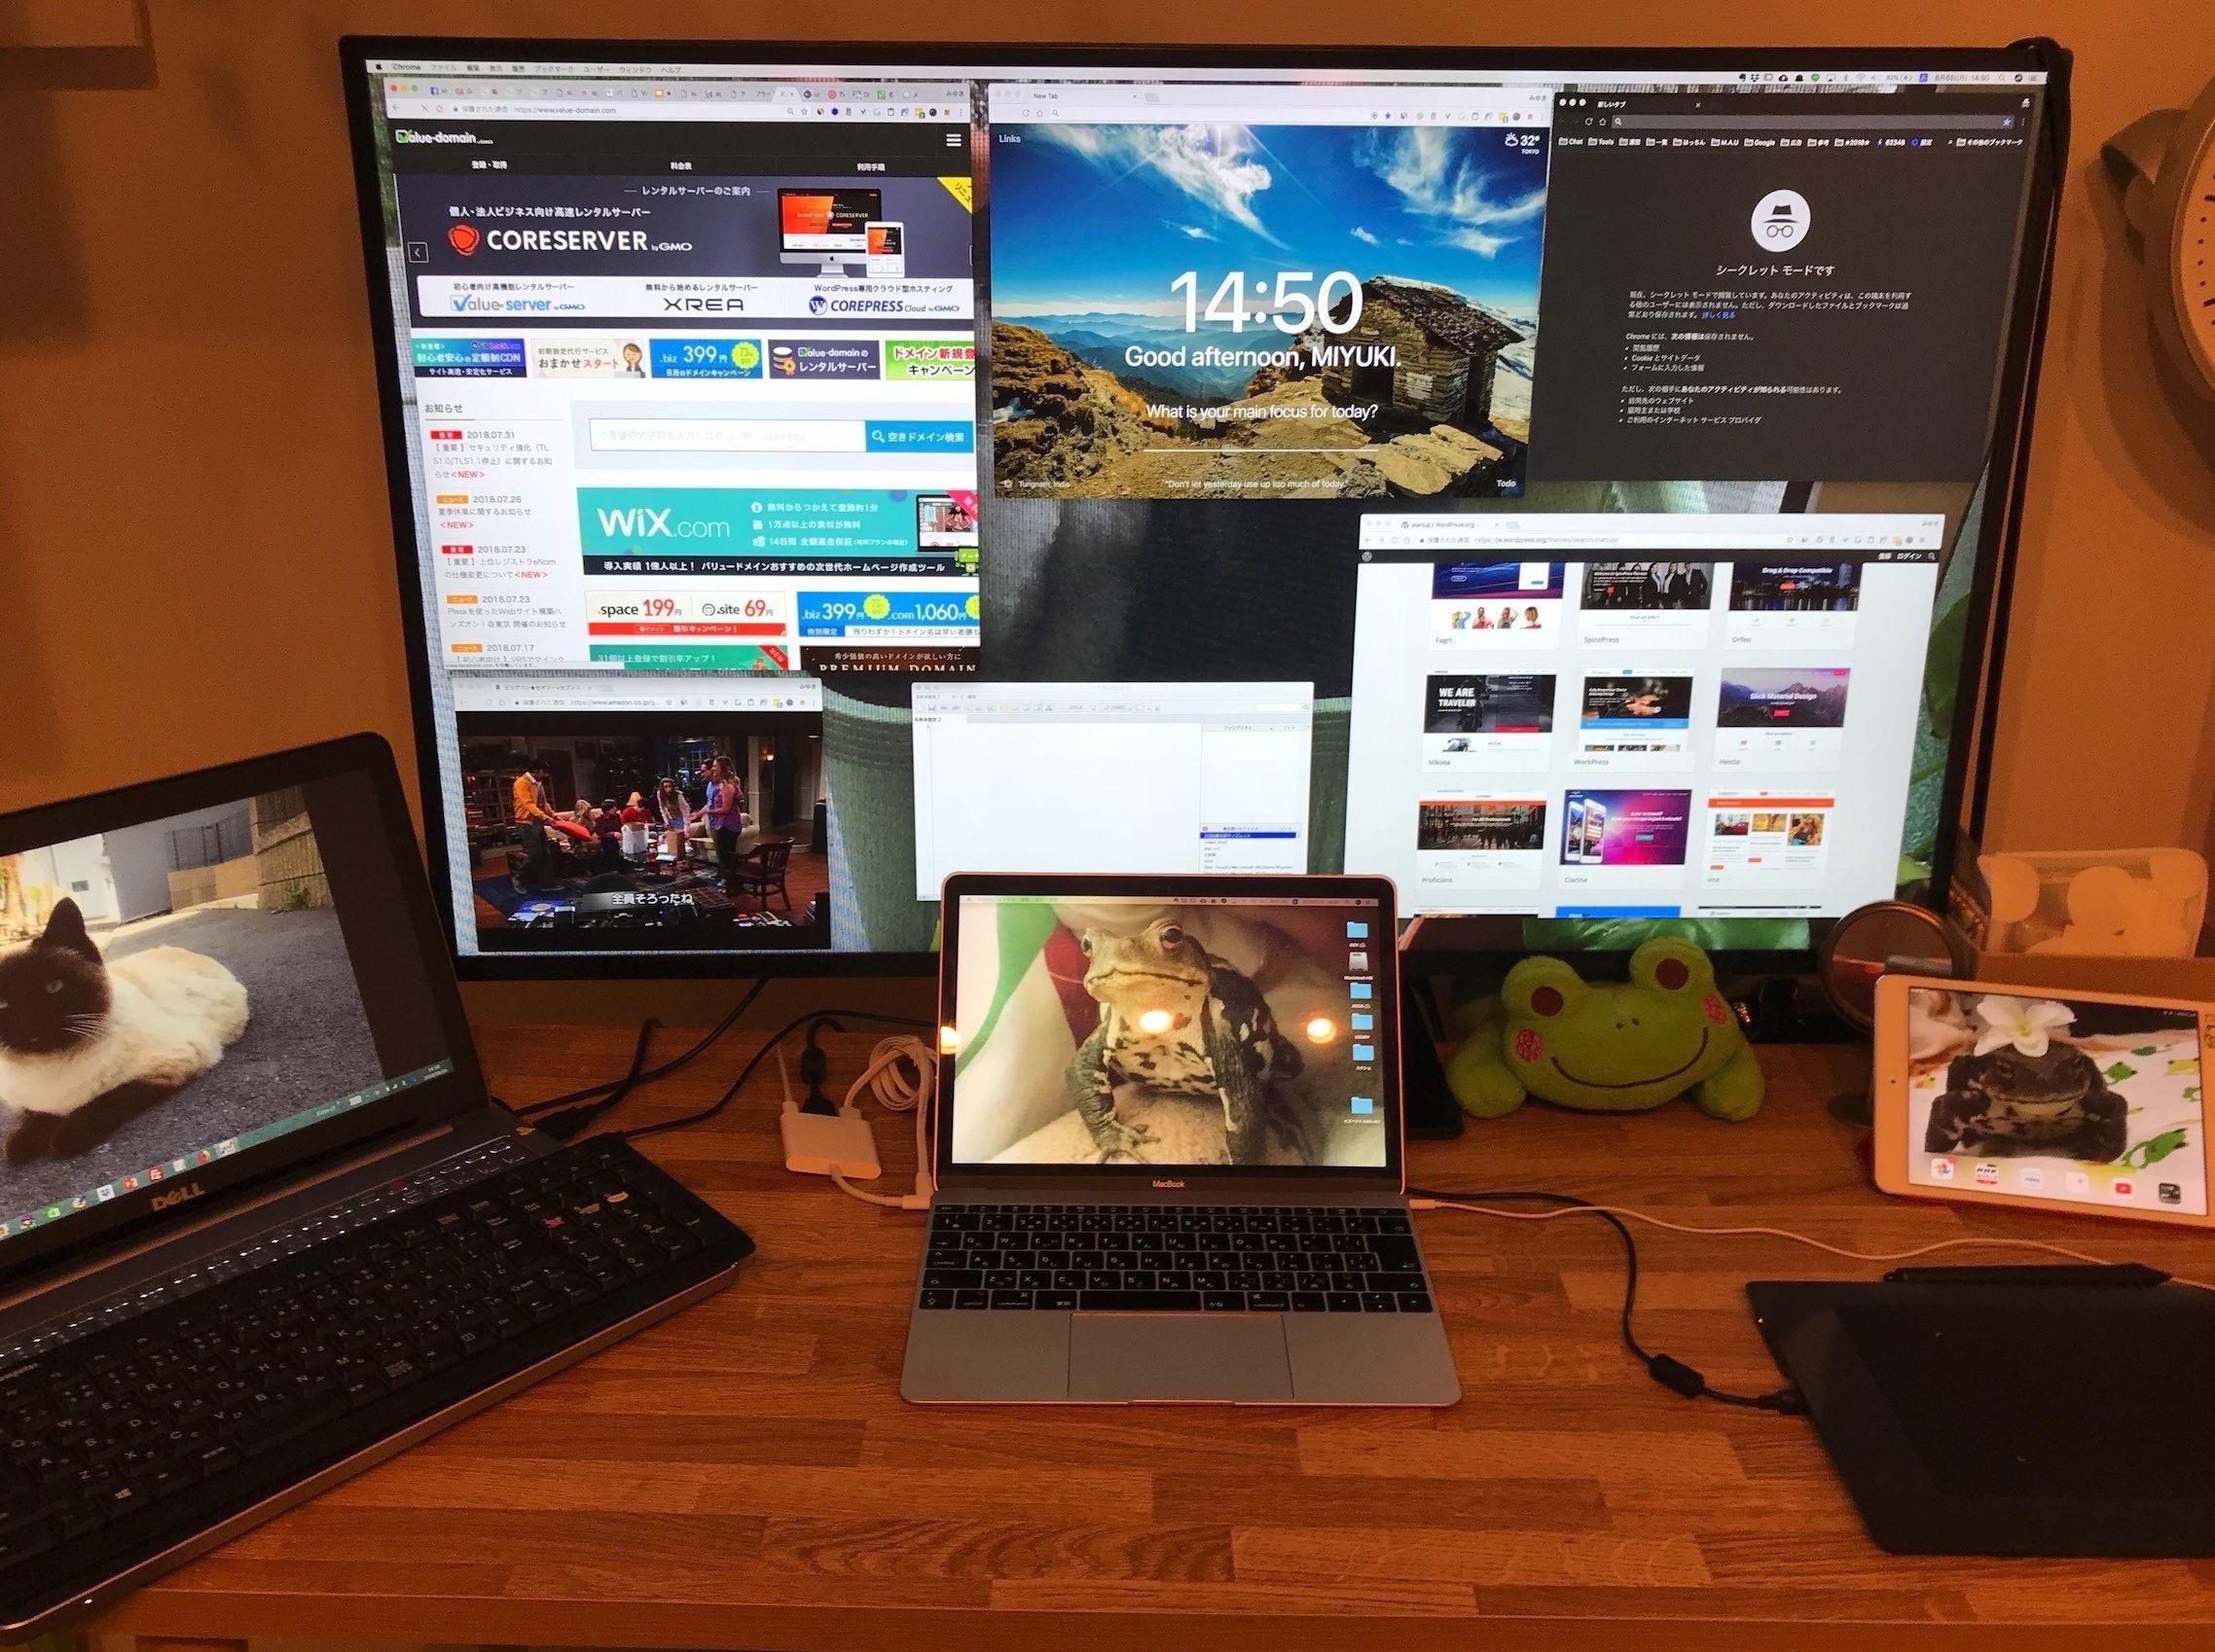 パソコンの作業効率アップに複数のデバイスを同時に表示可のおすすめモニター